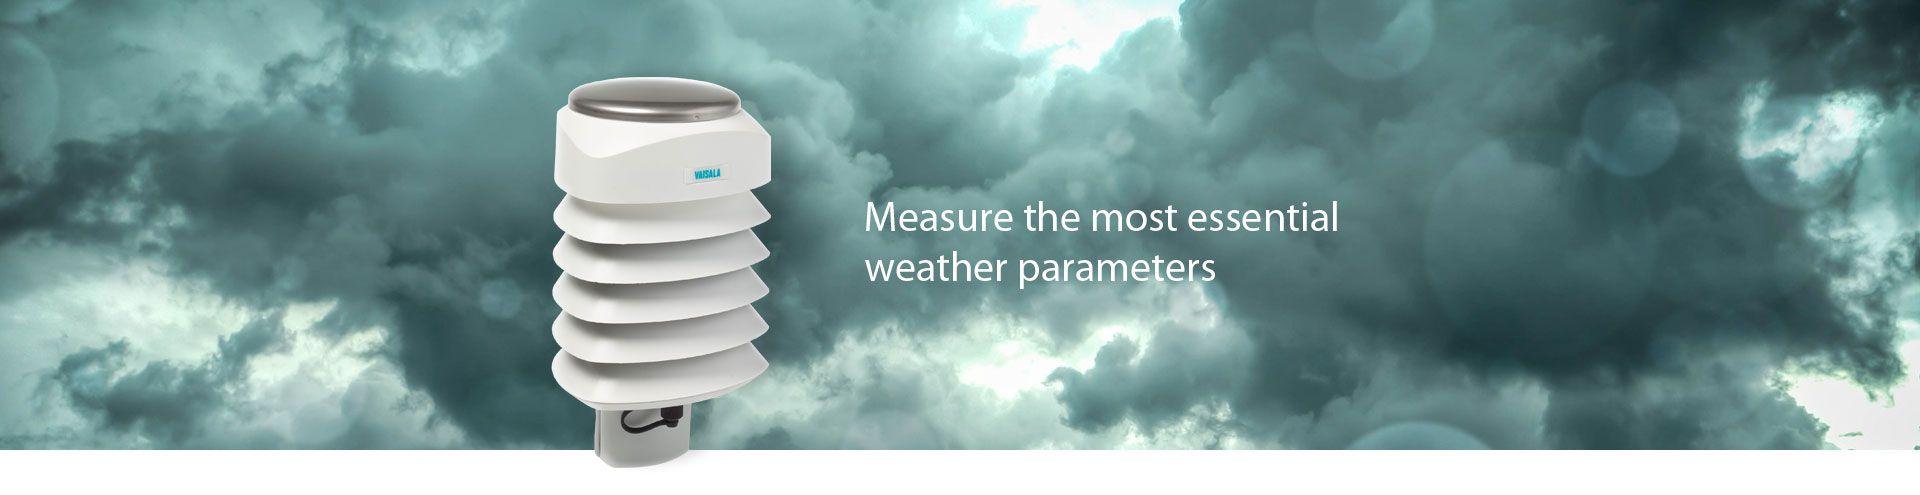 Vaisala WXT534 Multi-Parameter Weather Sensor